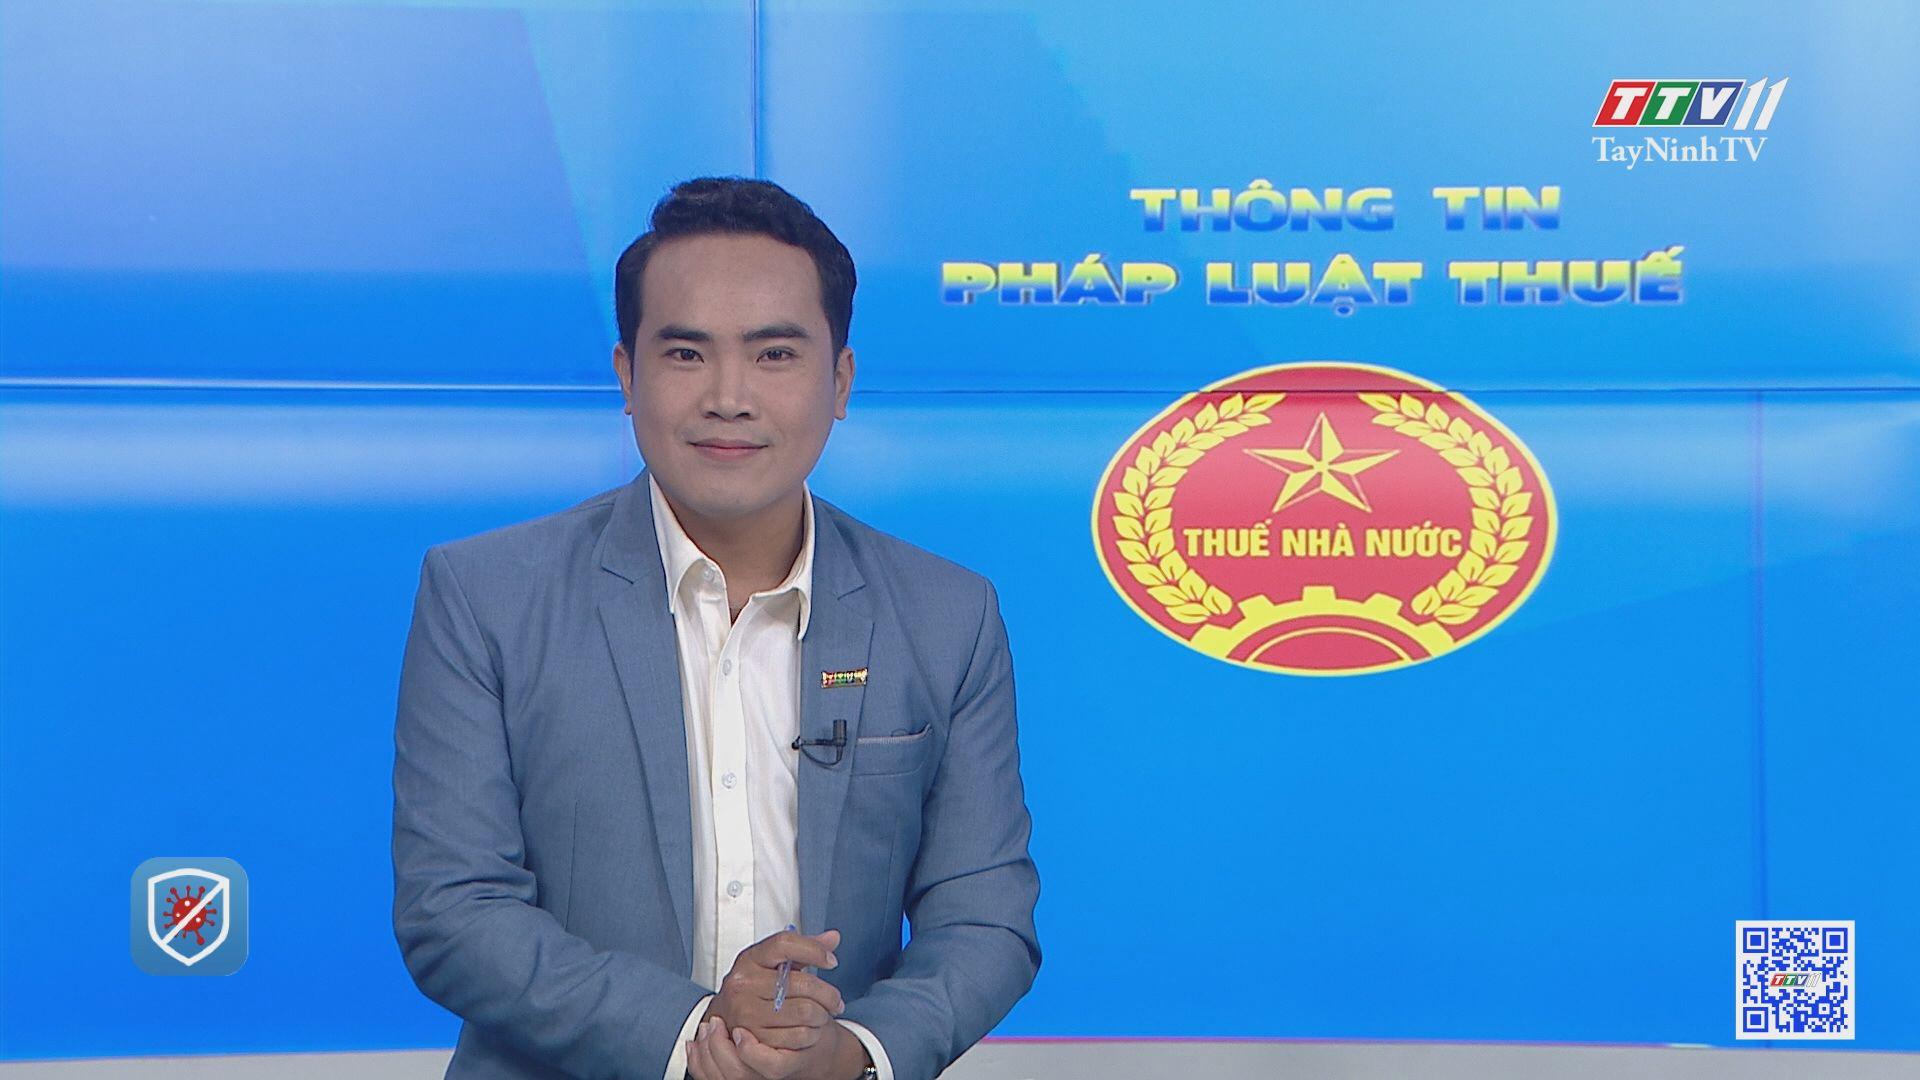 Giảm tiền thuế đất đối với các đối tưởng bị ảnh hưởng bởi dịch Covid-19 | THÔNG TIN PHÁP LUẬT THUẾ | TayNinhTV